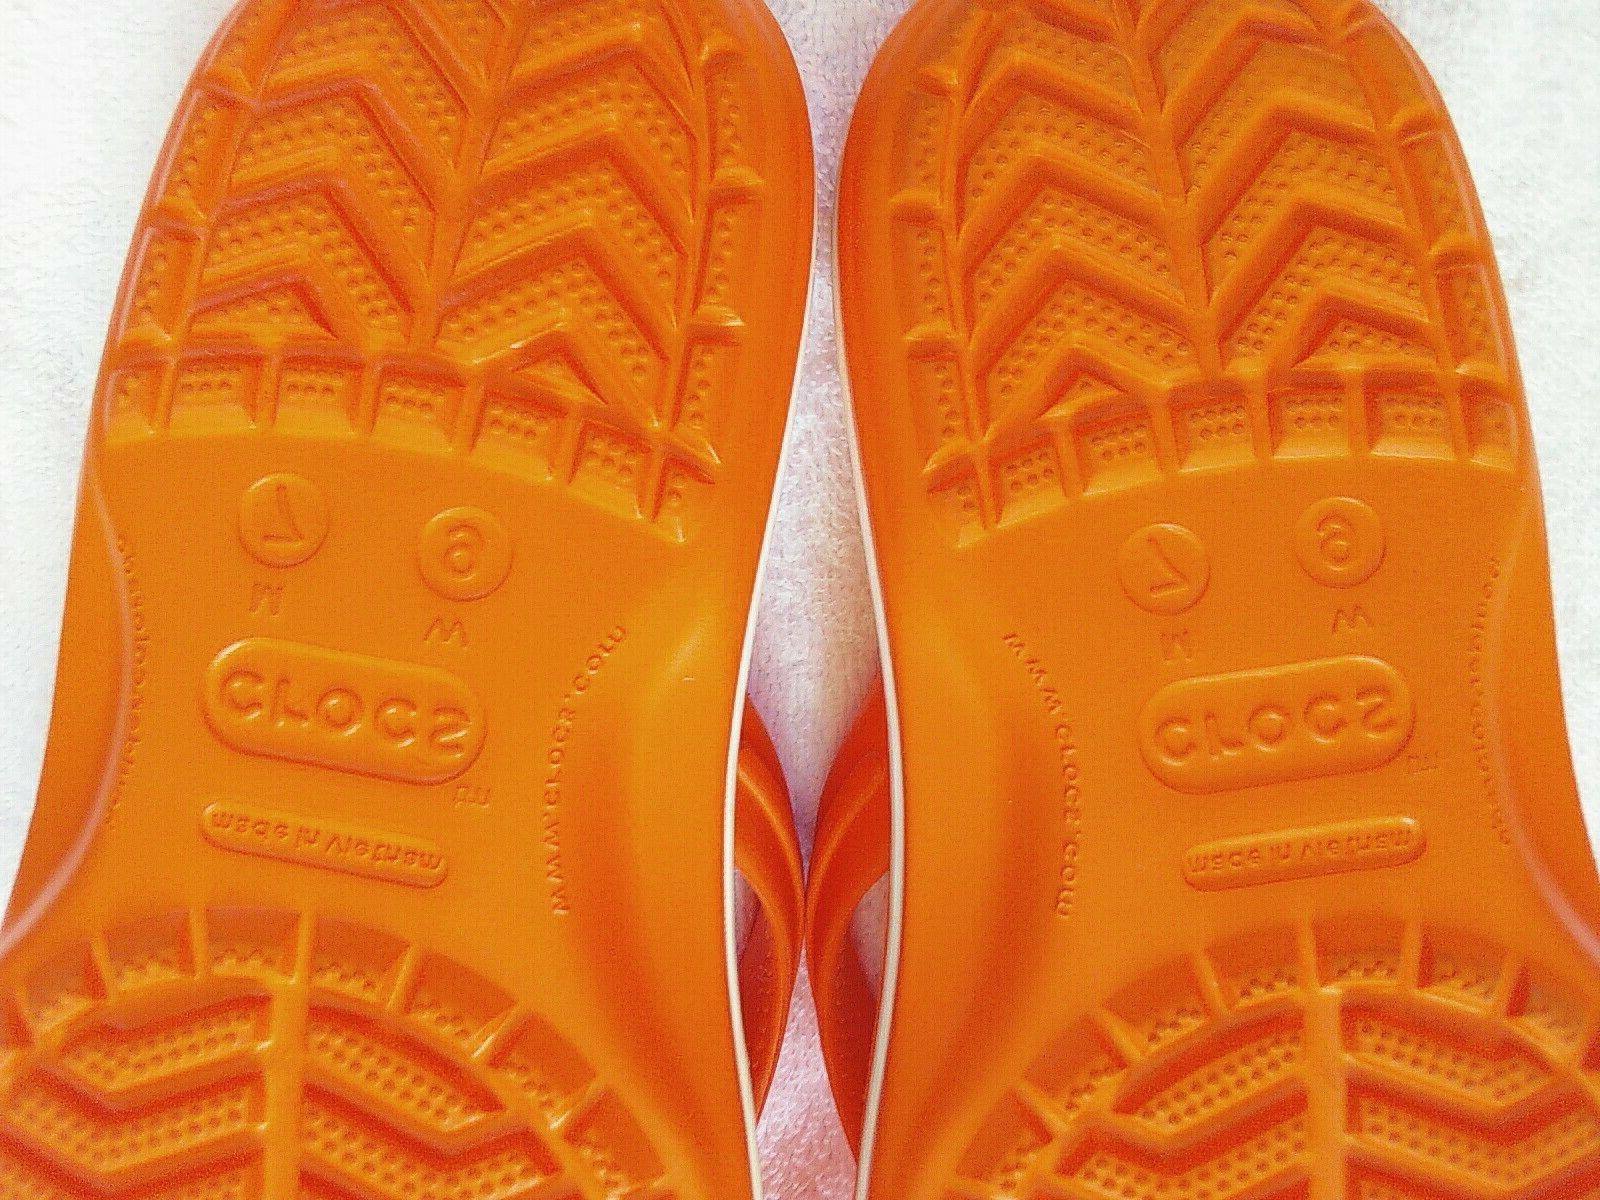 Women's Crocs Flop Sandals Water Shoes NWOT 9.